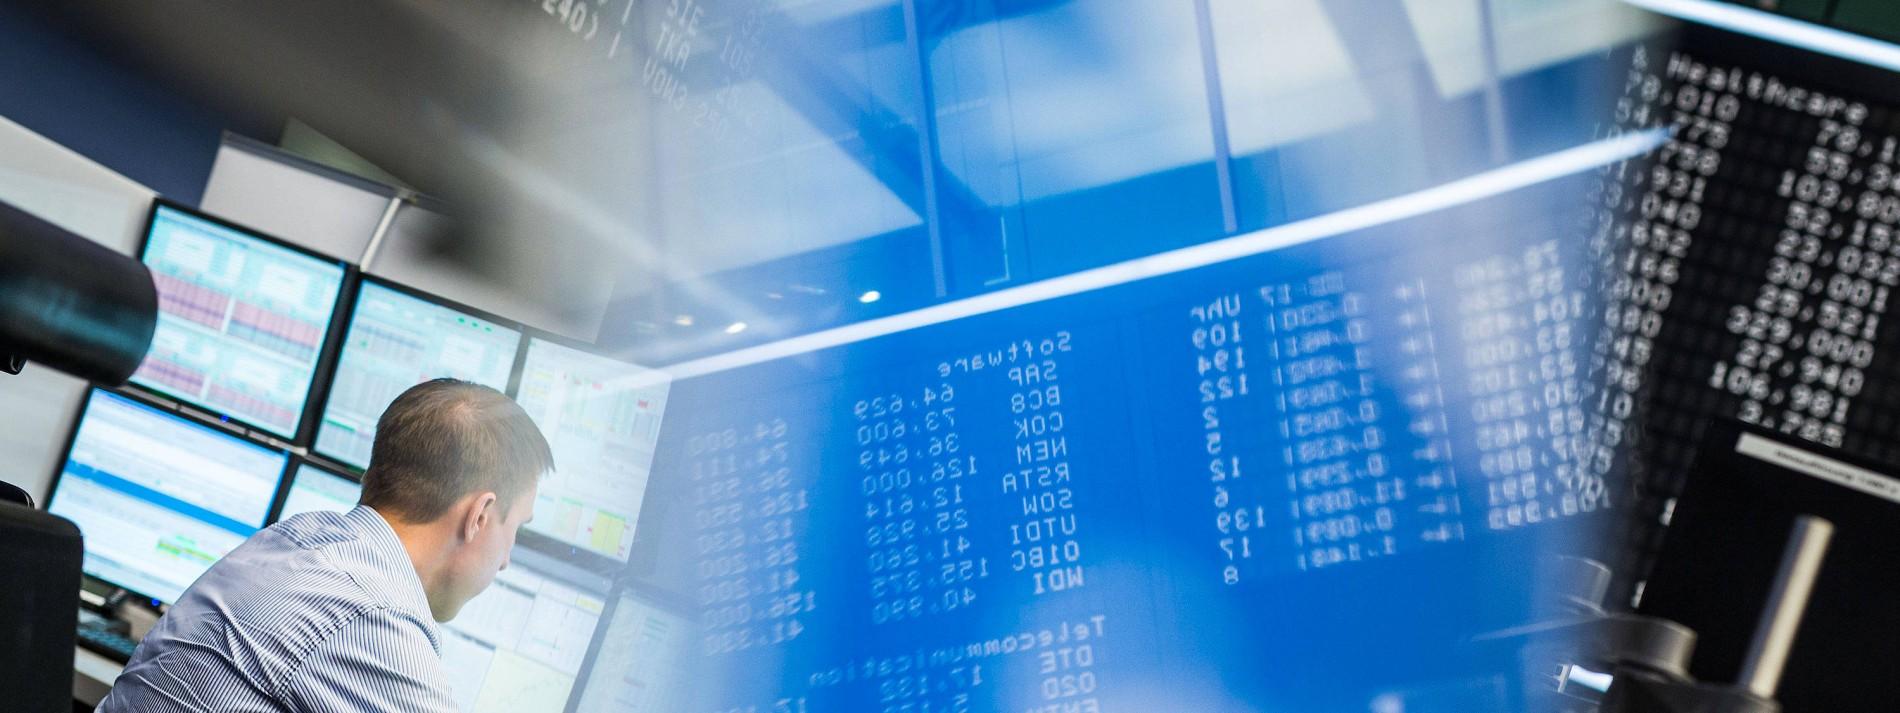 Finanzmärkte beruhigen sich nach Gamestop-Turbulenzen